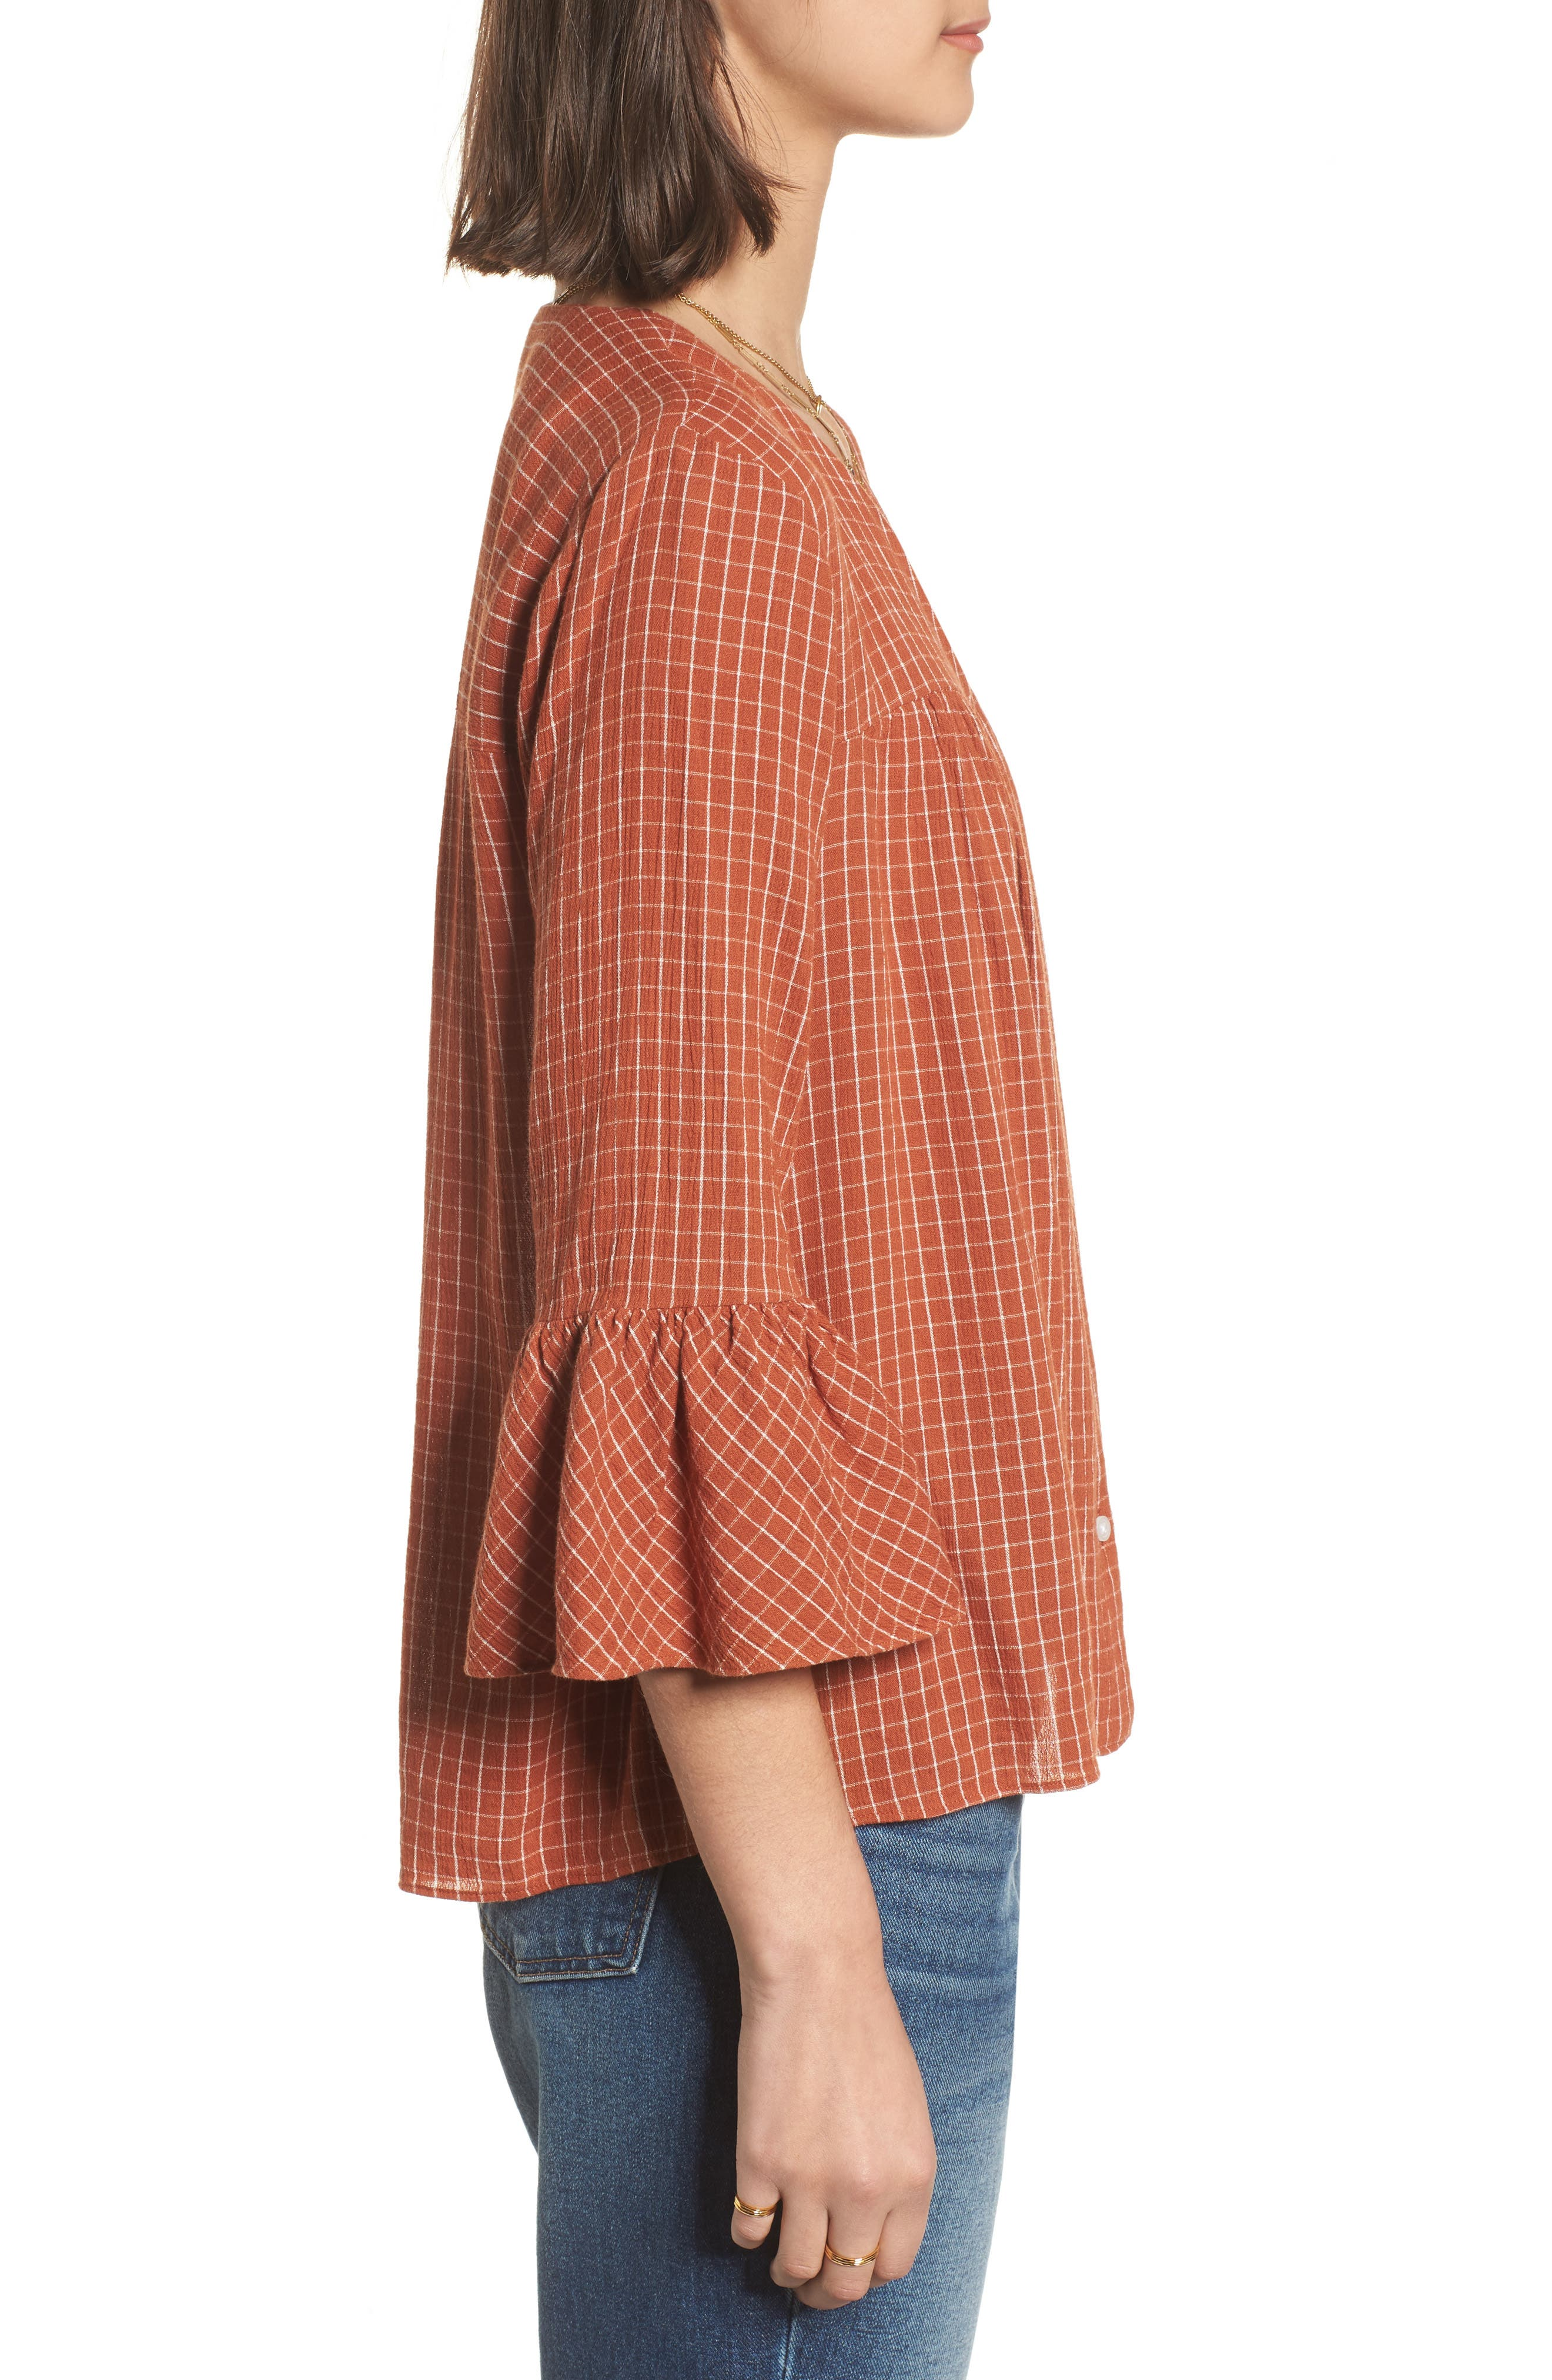 Veranda Bell Sleeve Shirt,                             Alternate thumbnail 3, color,                             800